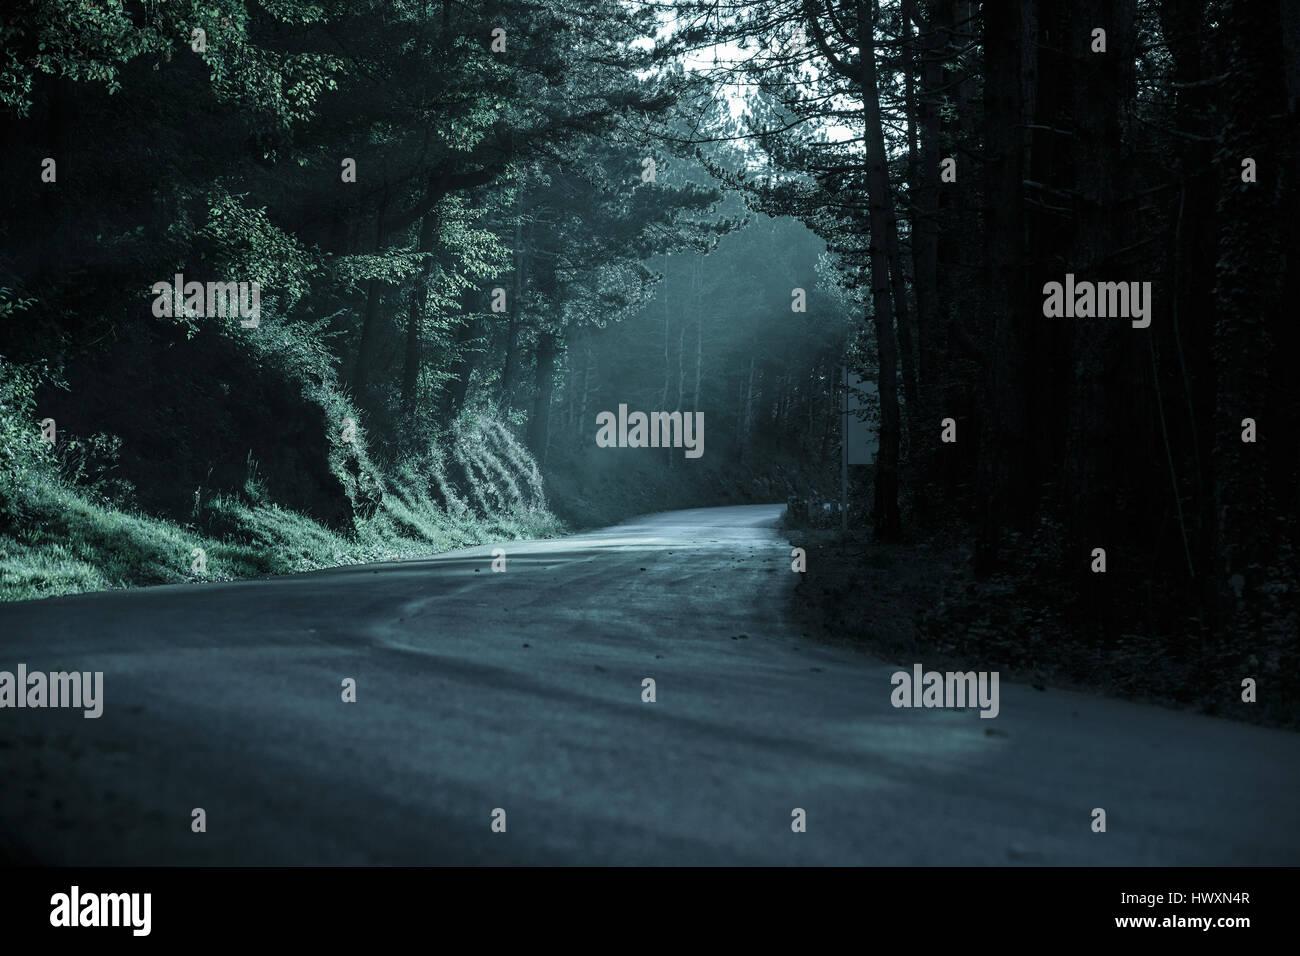 Forêt sombre avec vide, en recul de la lumière. Arrière-plan émotionnel, gothique, concept étrange Photo Stock